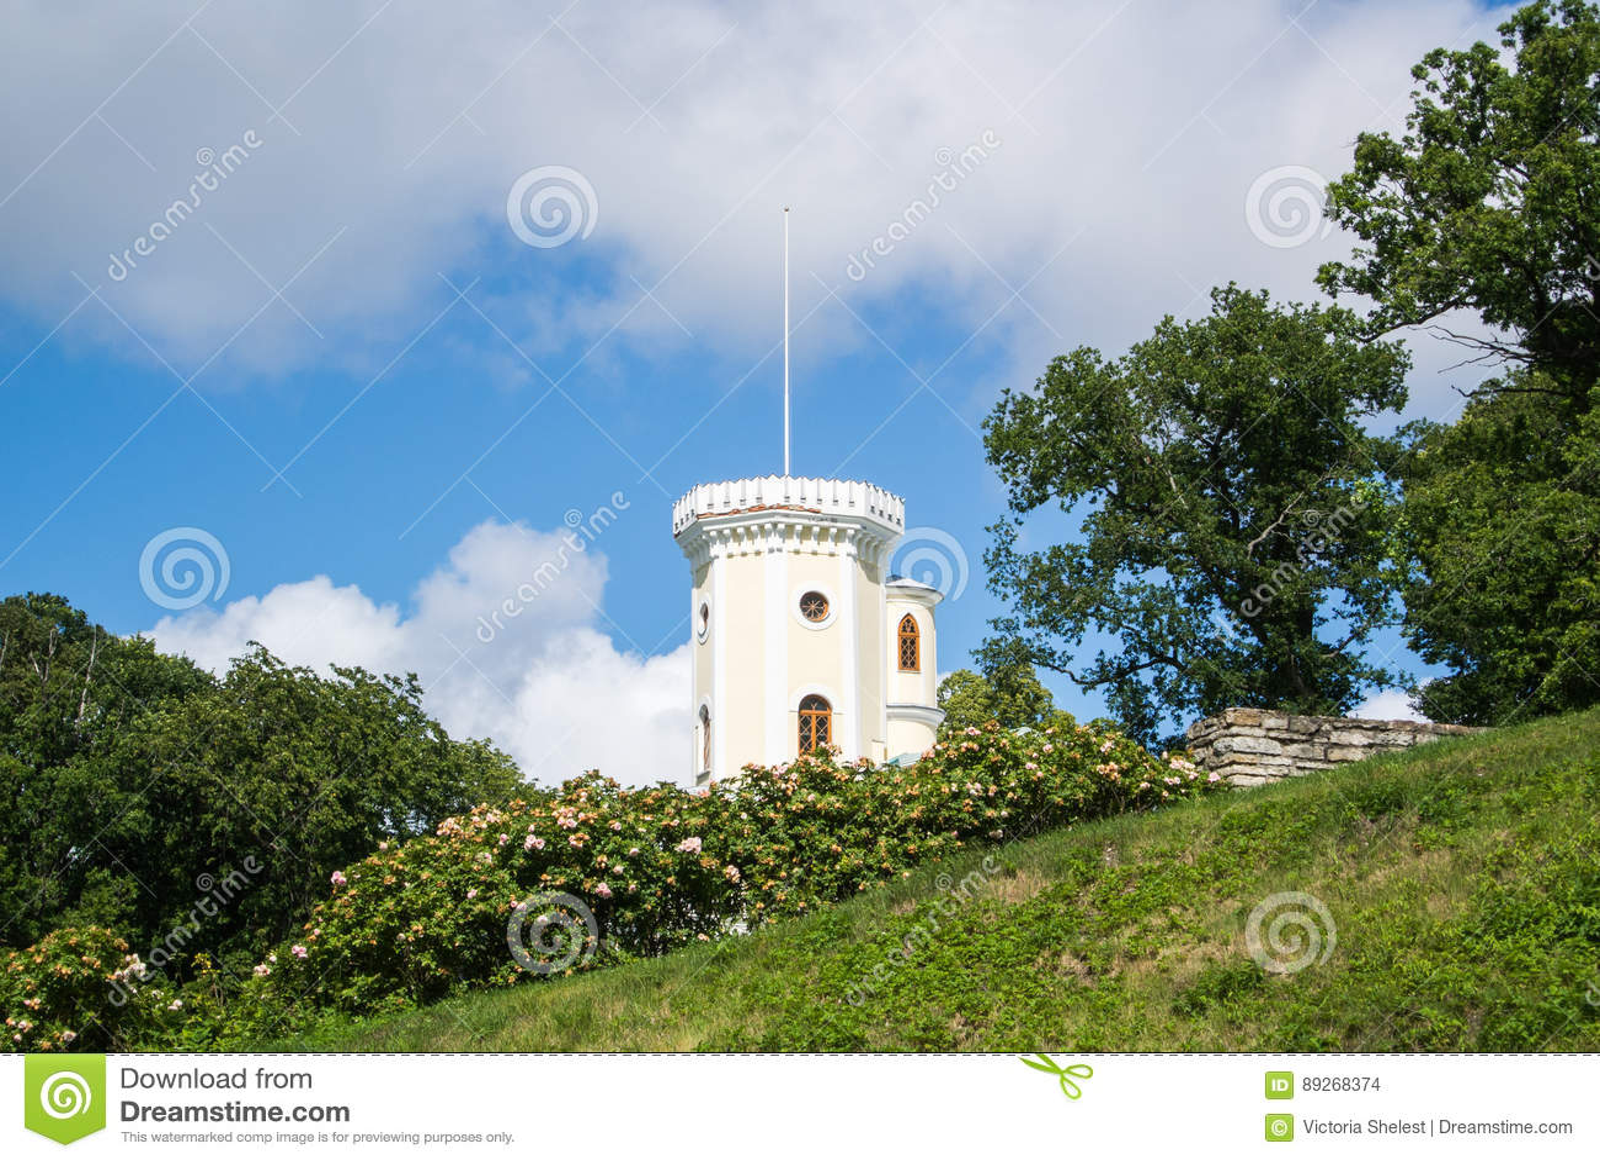 Keila-Joa rezydenci ziemskiej Schloss spadek, xix wiek budynek blisko Keila-Joa siklawy i park,